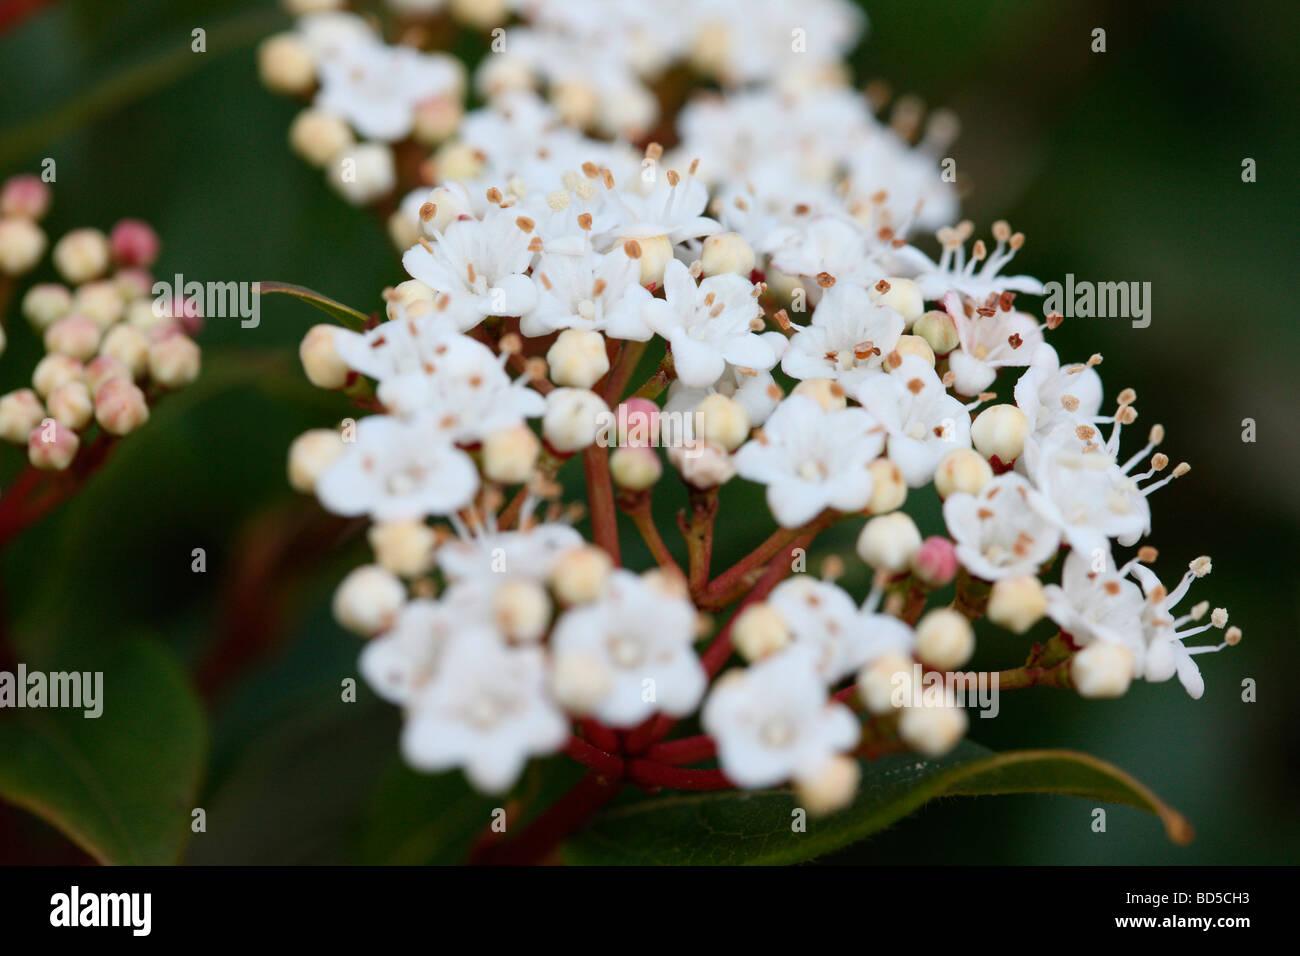 Viorne à feuilles persistantes bourgeons rose avec des grappes de fleurs blanc fine art photography Photographie Photo Stock